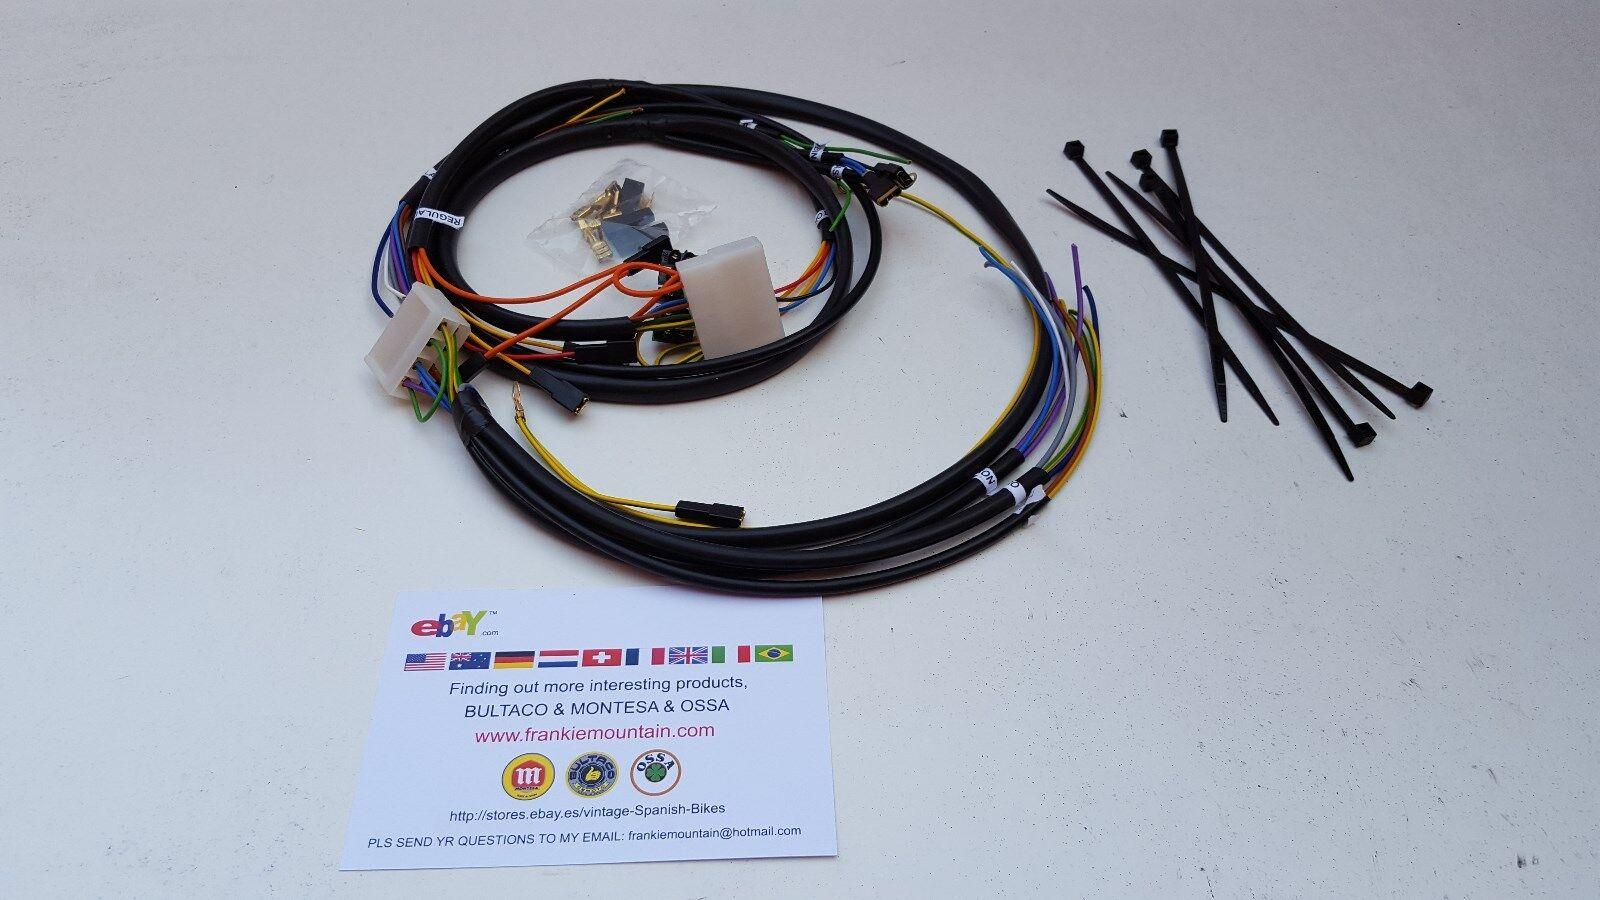 Montesa Enduro Wiring Harness Full Bike 250 H6 & 360 H6 | eBay